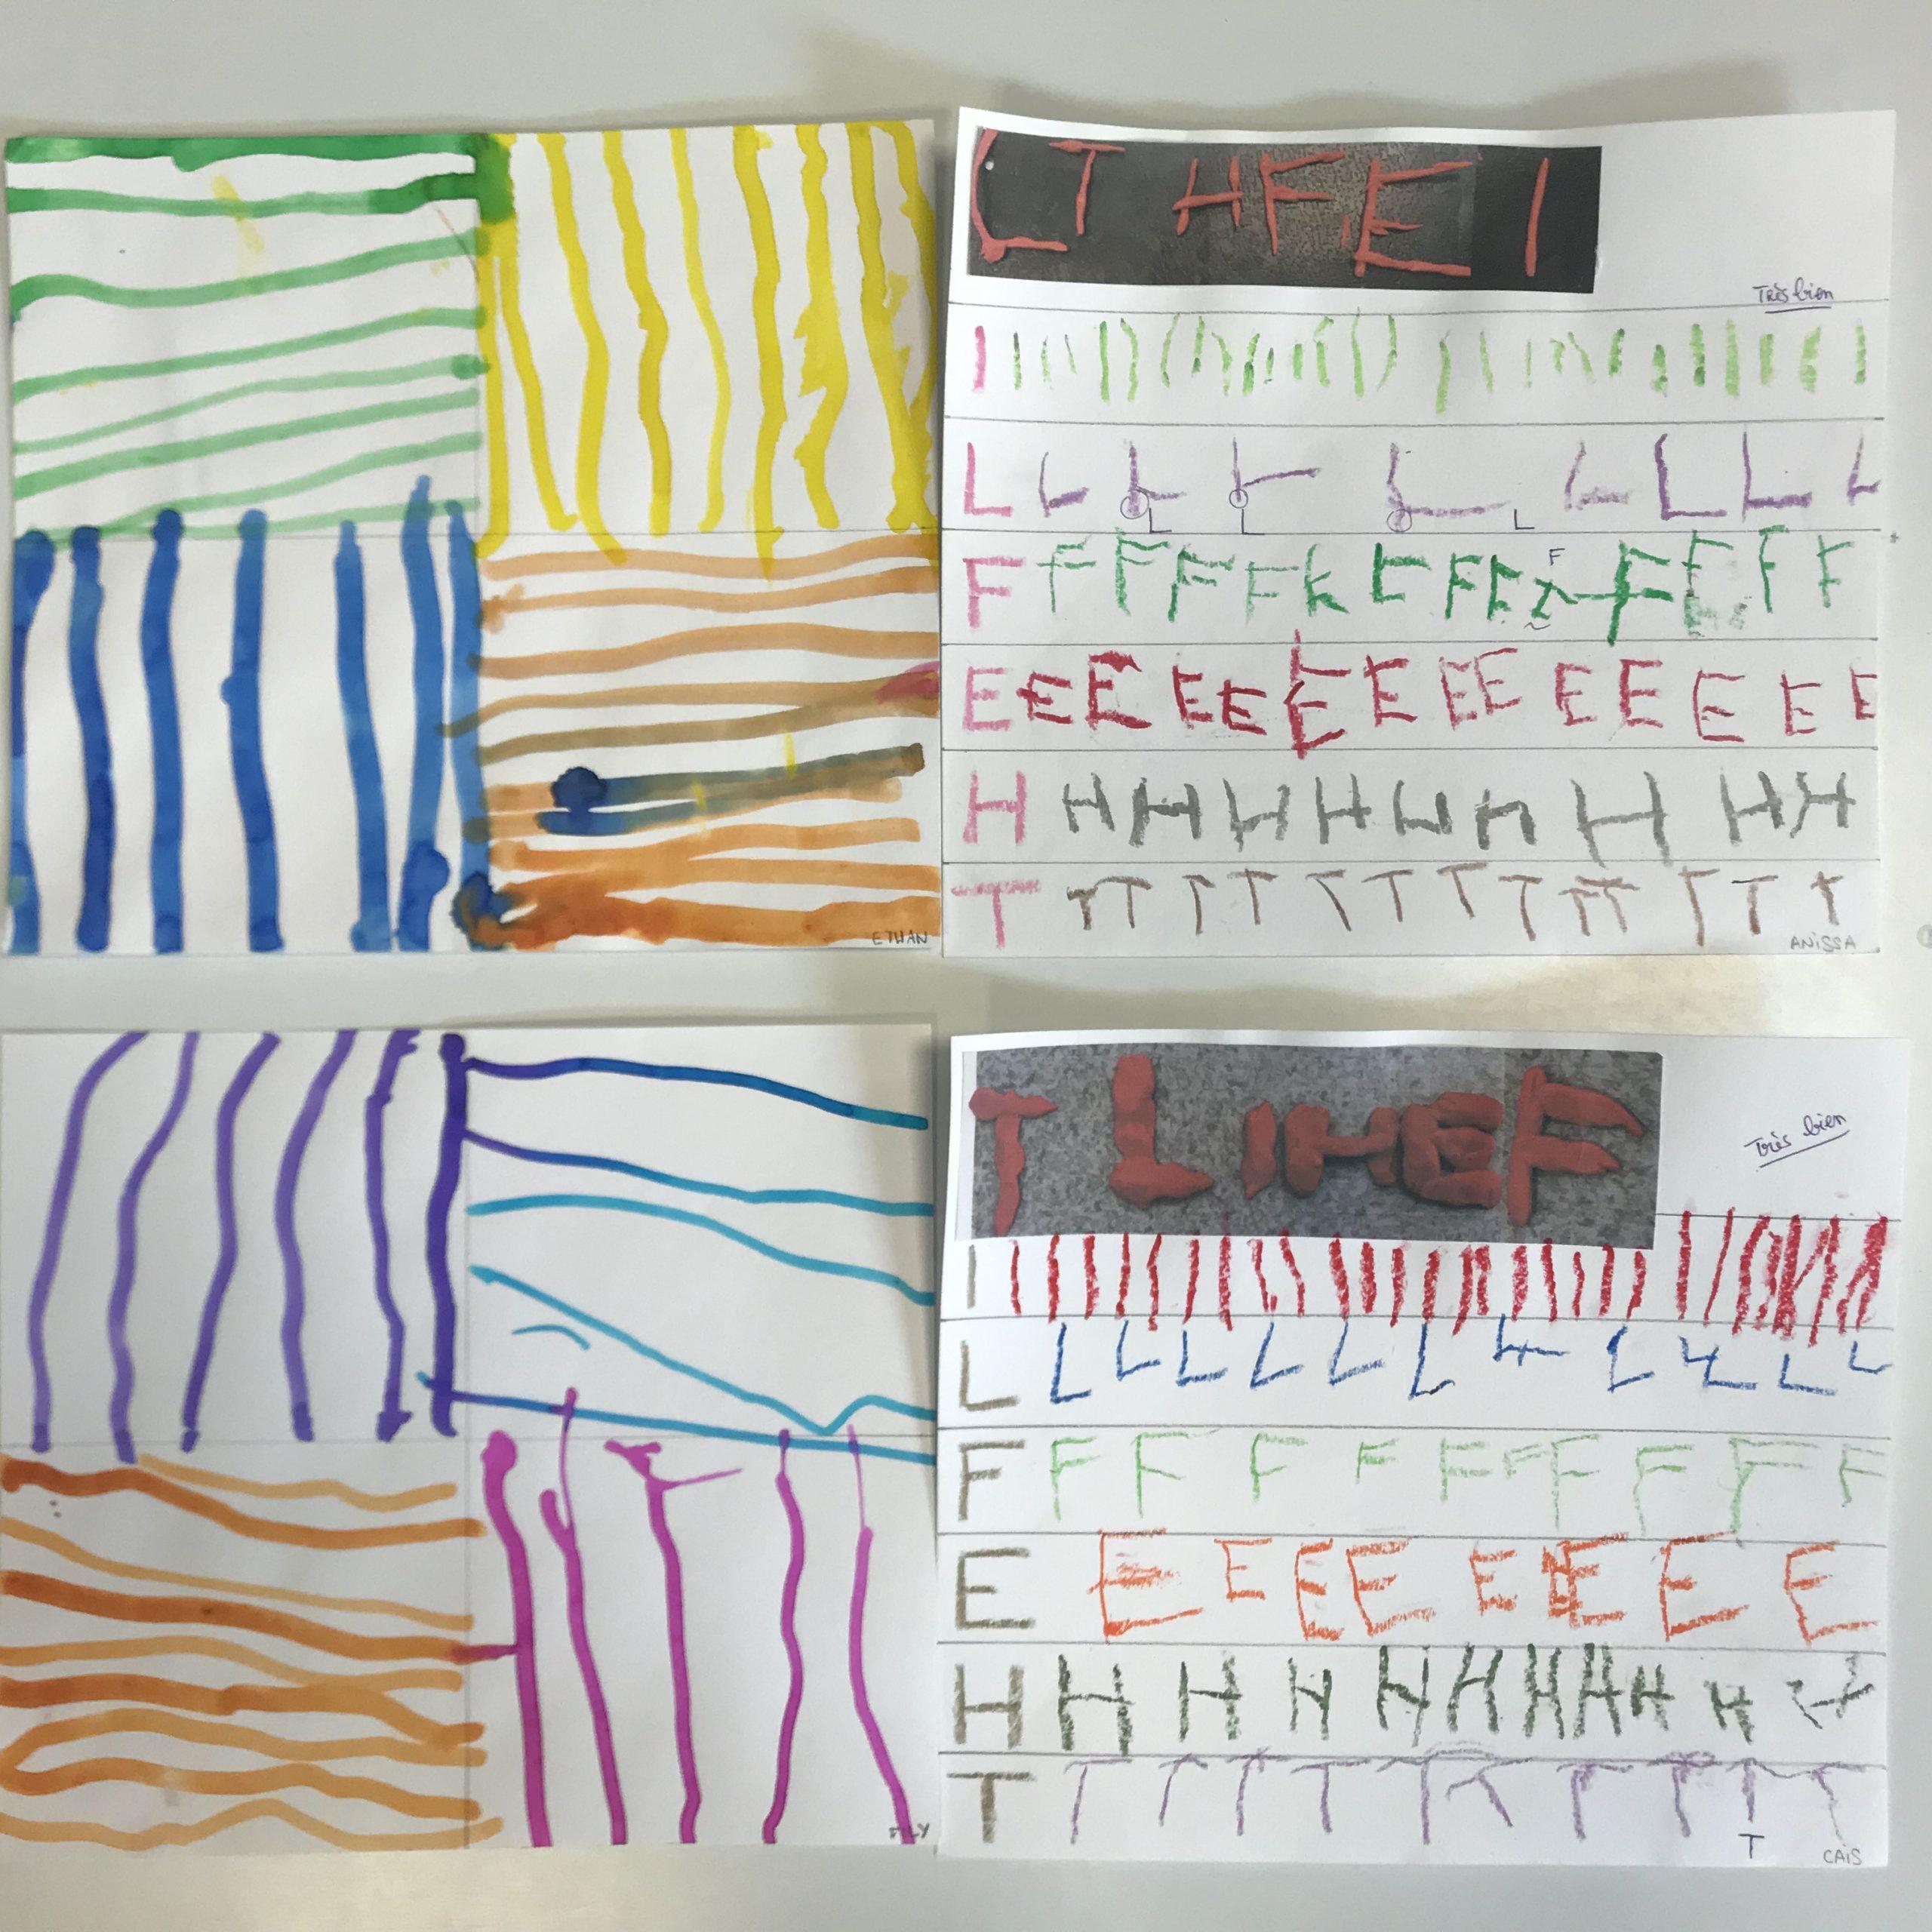 Les Moyens - Du Graphisme, Des Peintres, De L'écriture destiné Livre Graphisme Maternelle